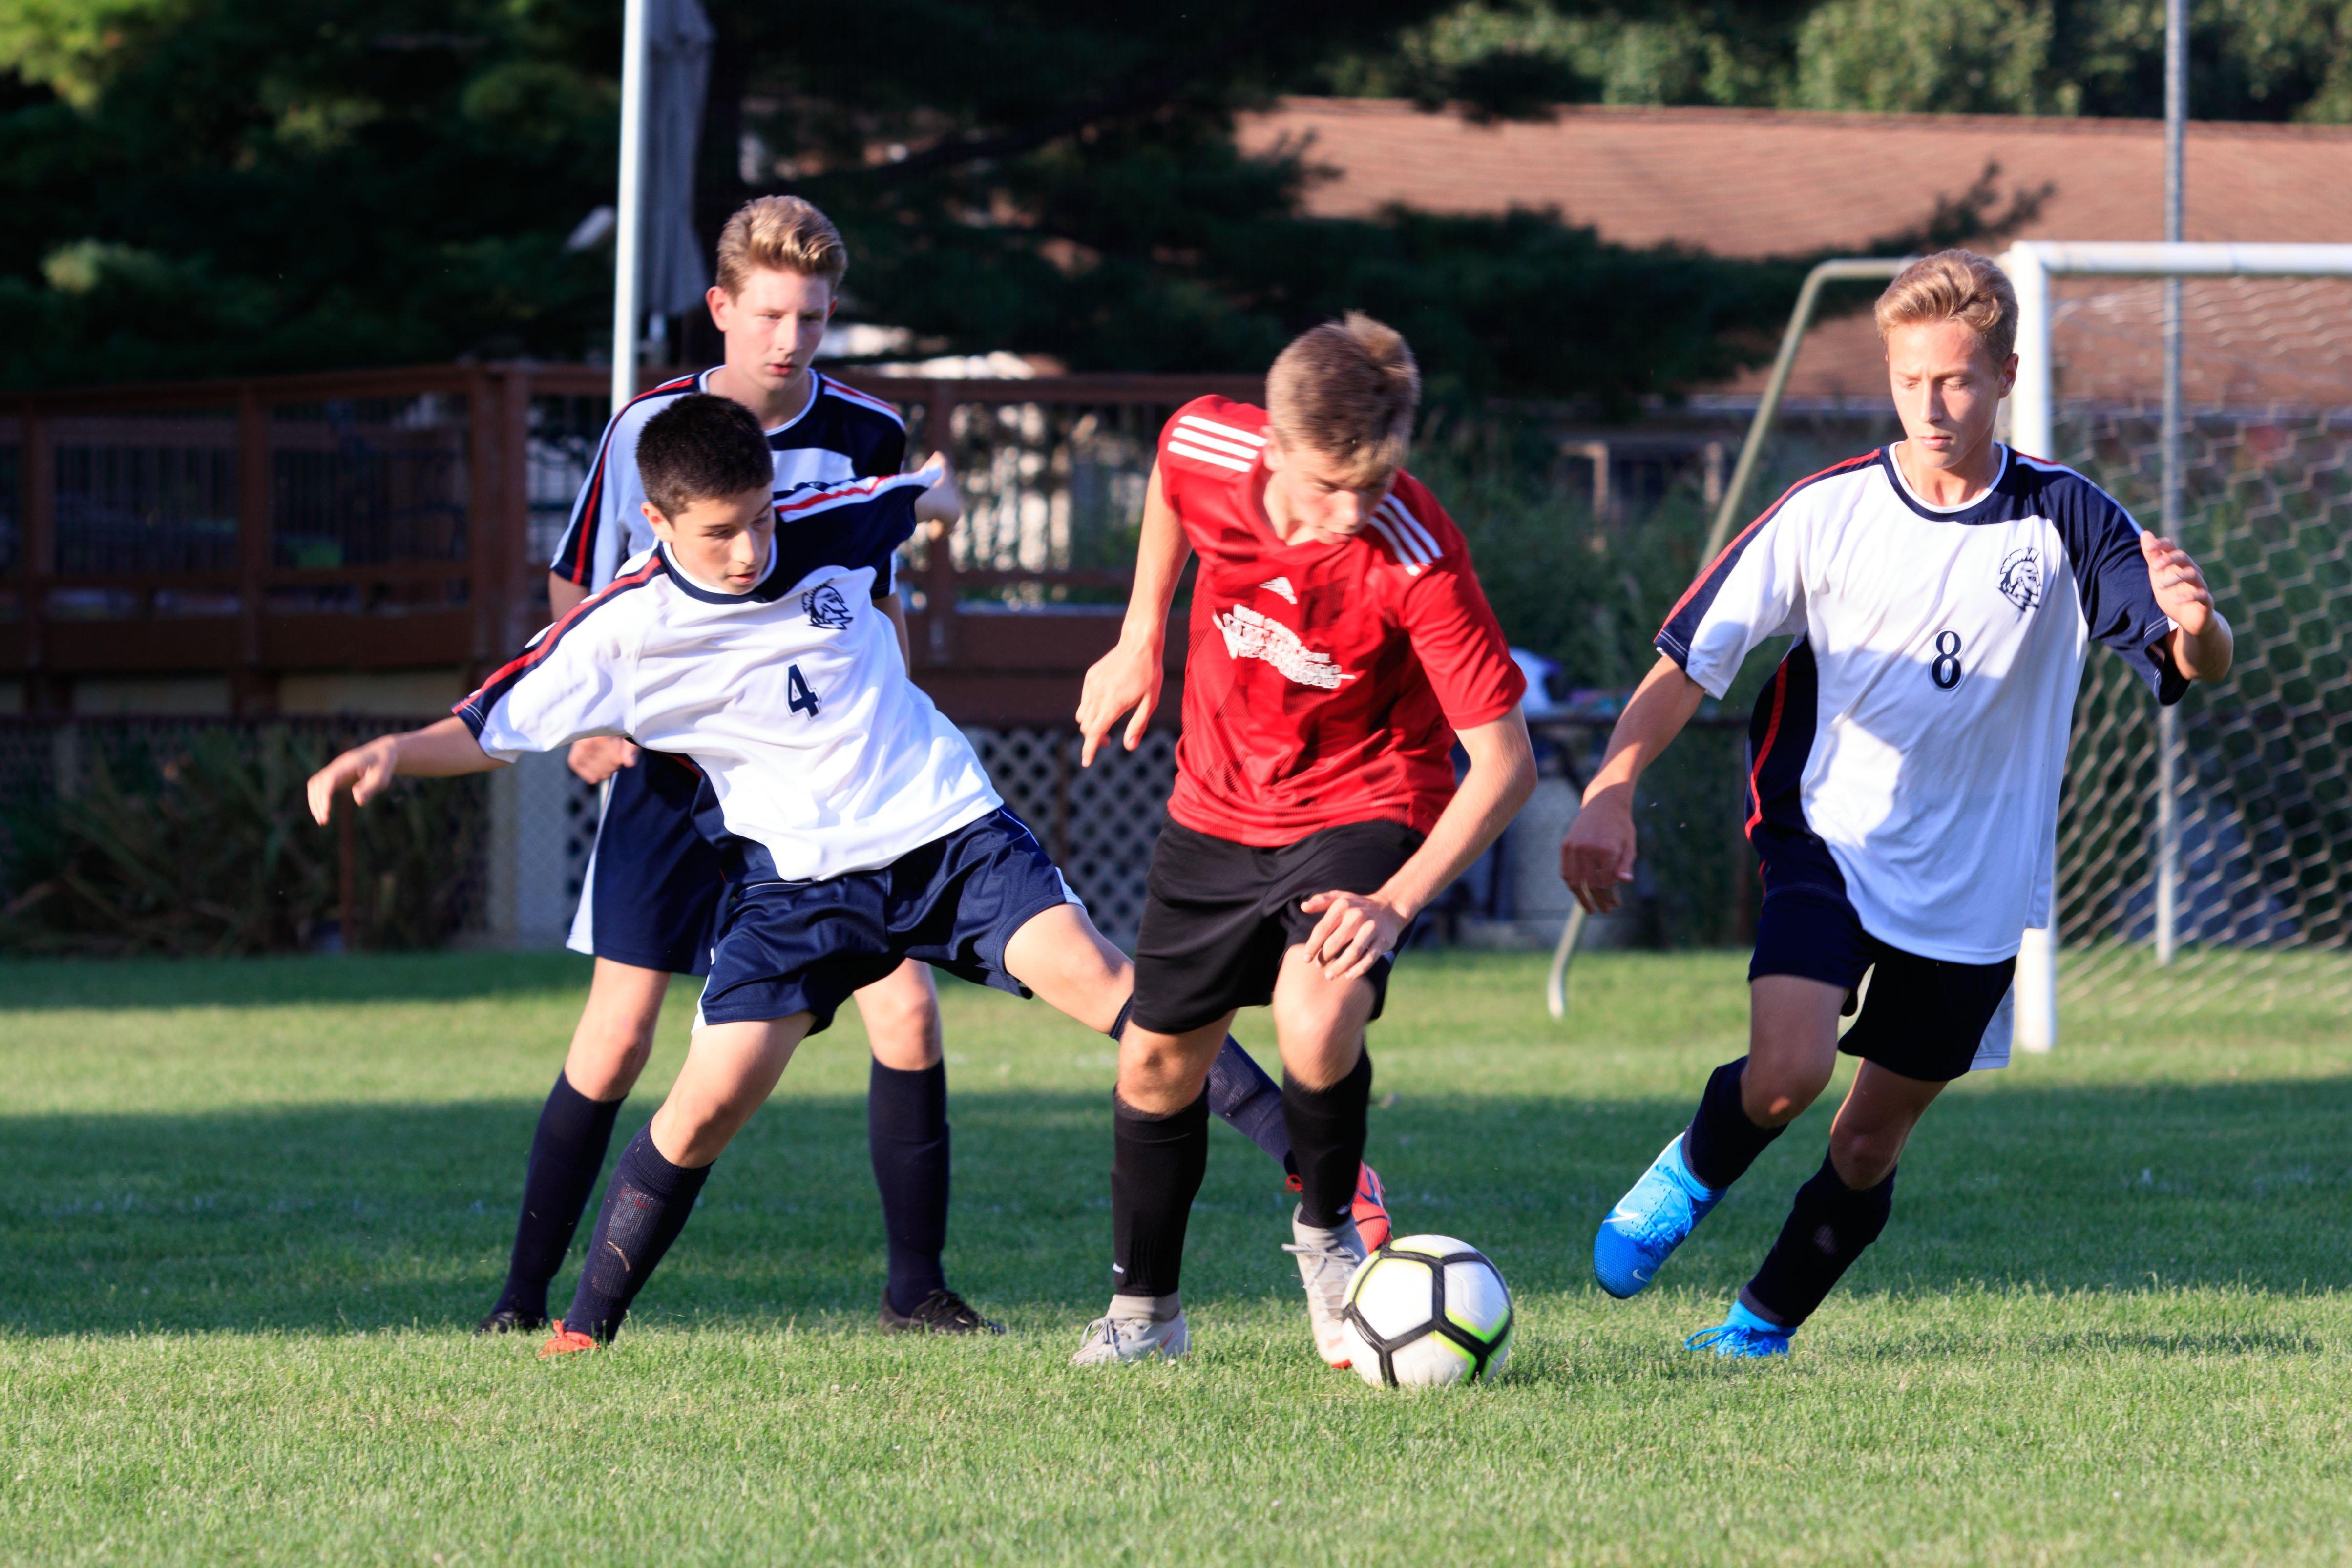 VB soccer IMG_0331